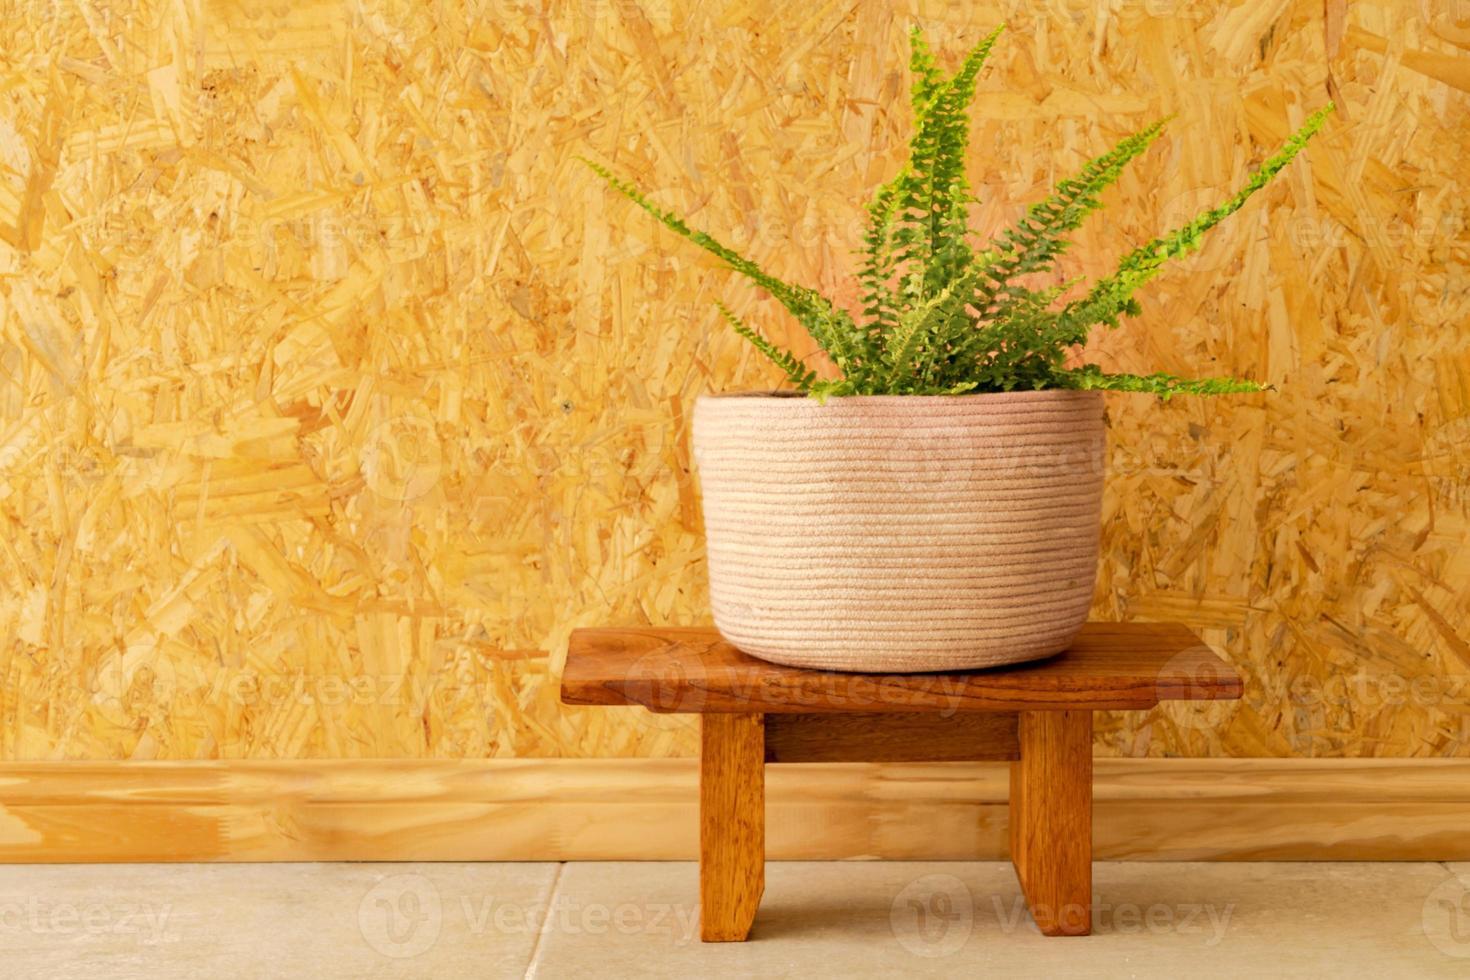 ein Farn in einem geflochtenen Topf an einer hellbraunen Holzwand foto